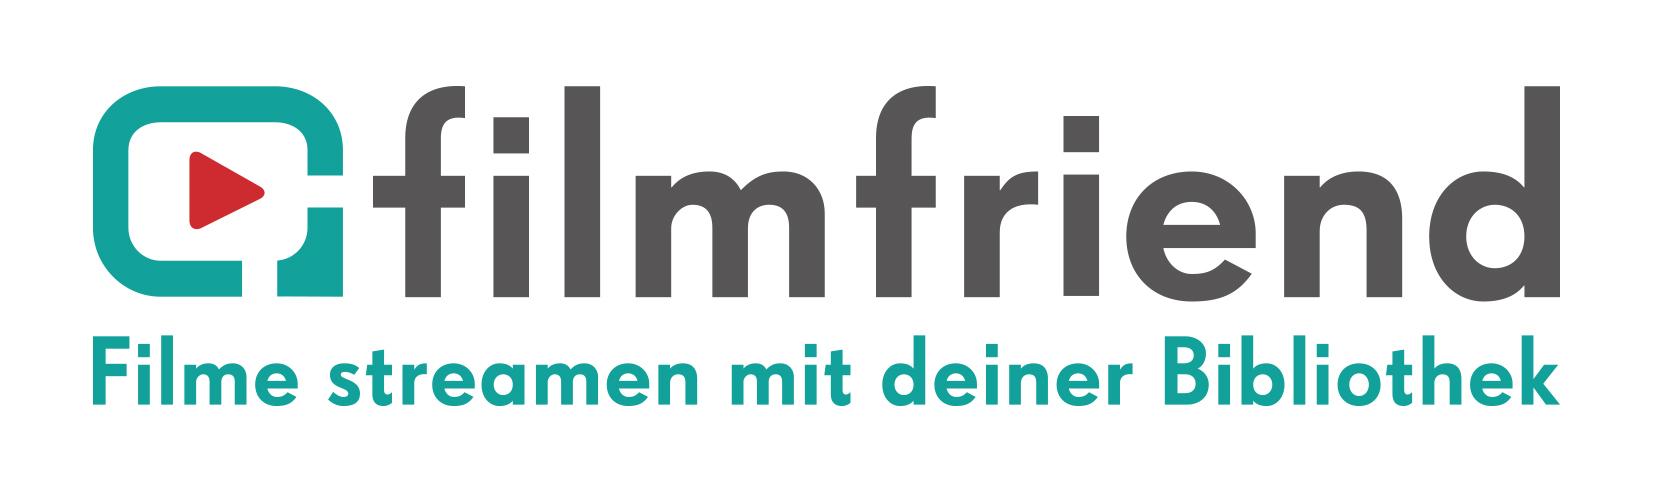 {#logo-filmfriend}